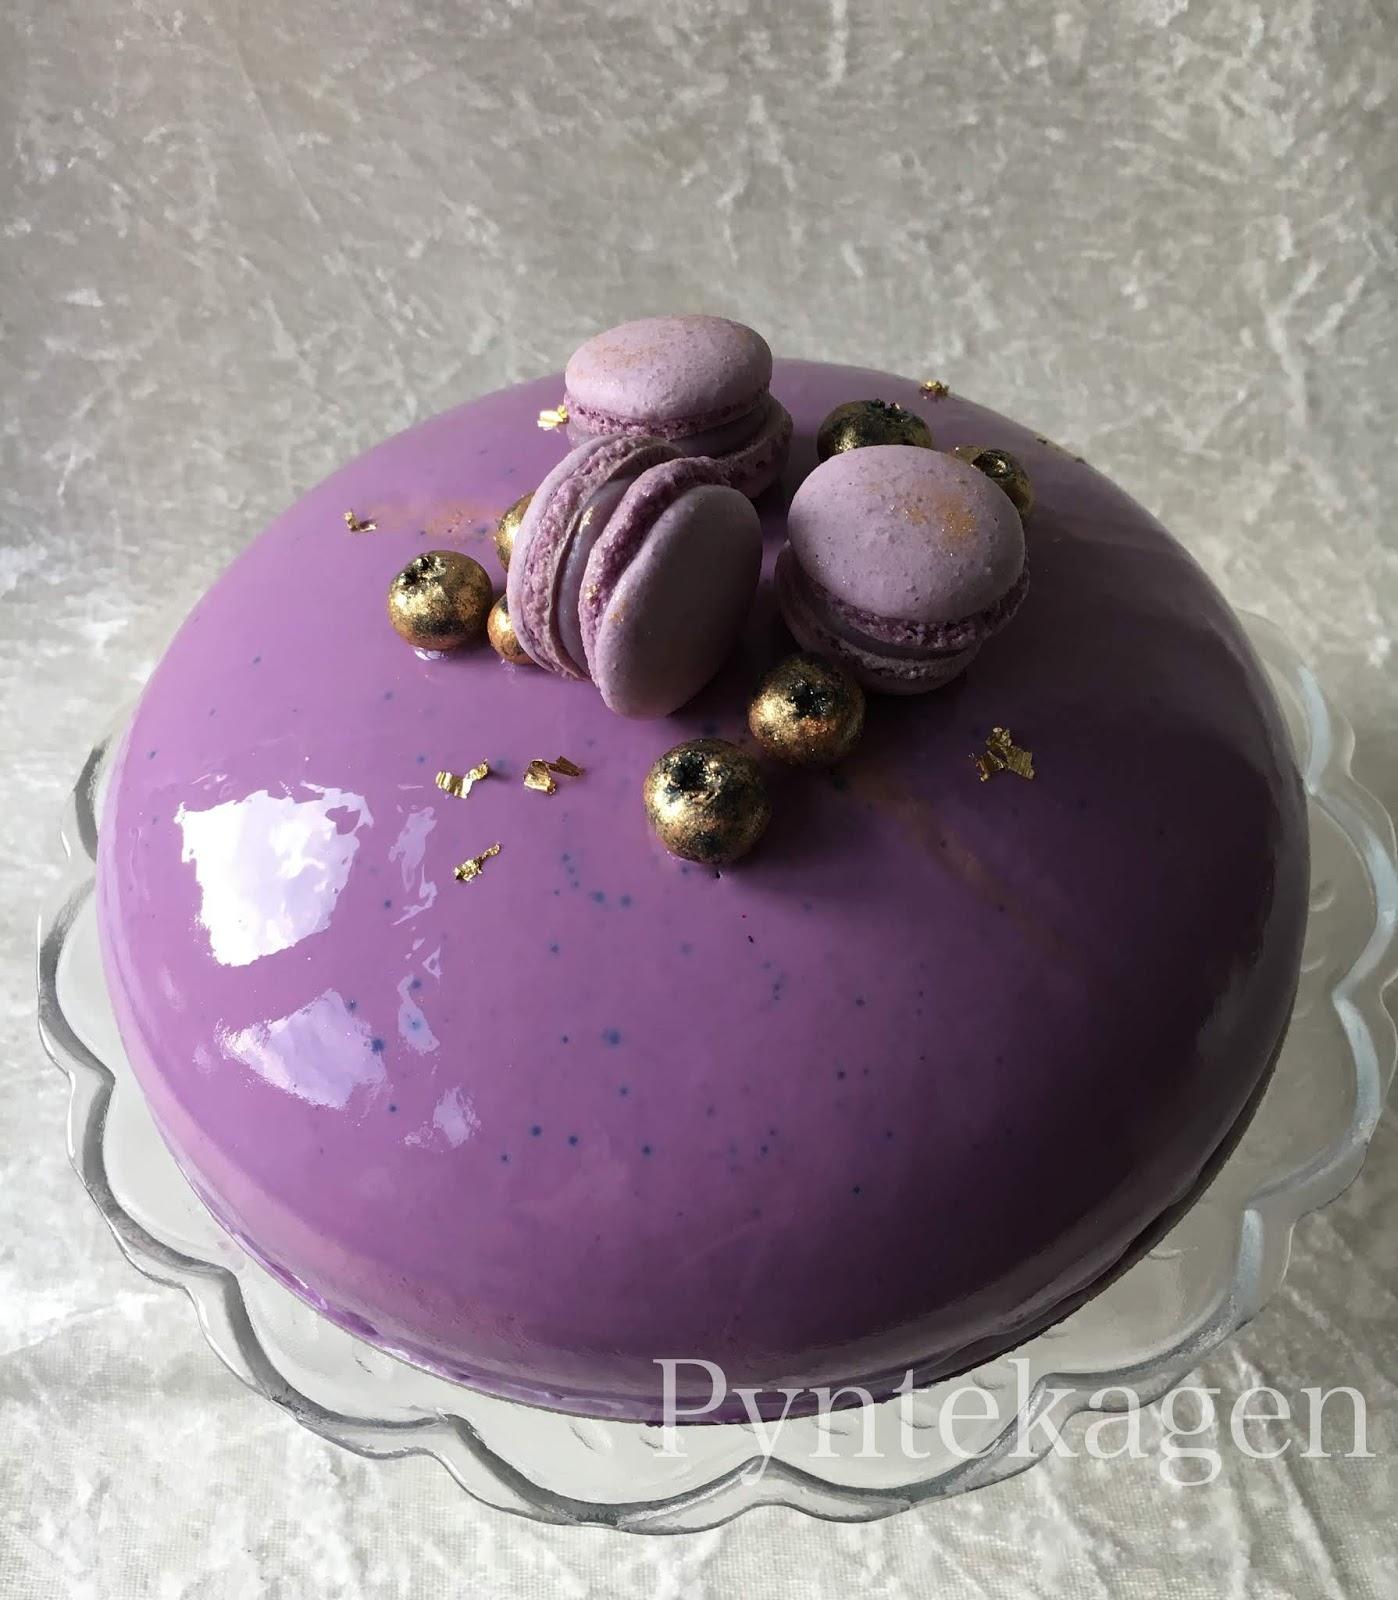 Oprindeligt PynteKagen: Blåbærmoussekage med brownie ZM03